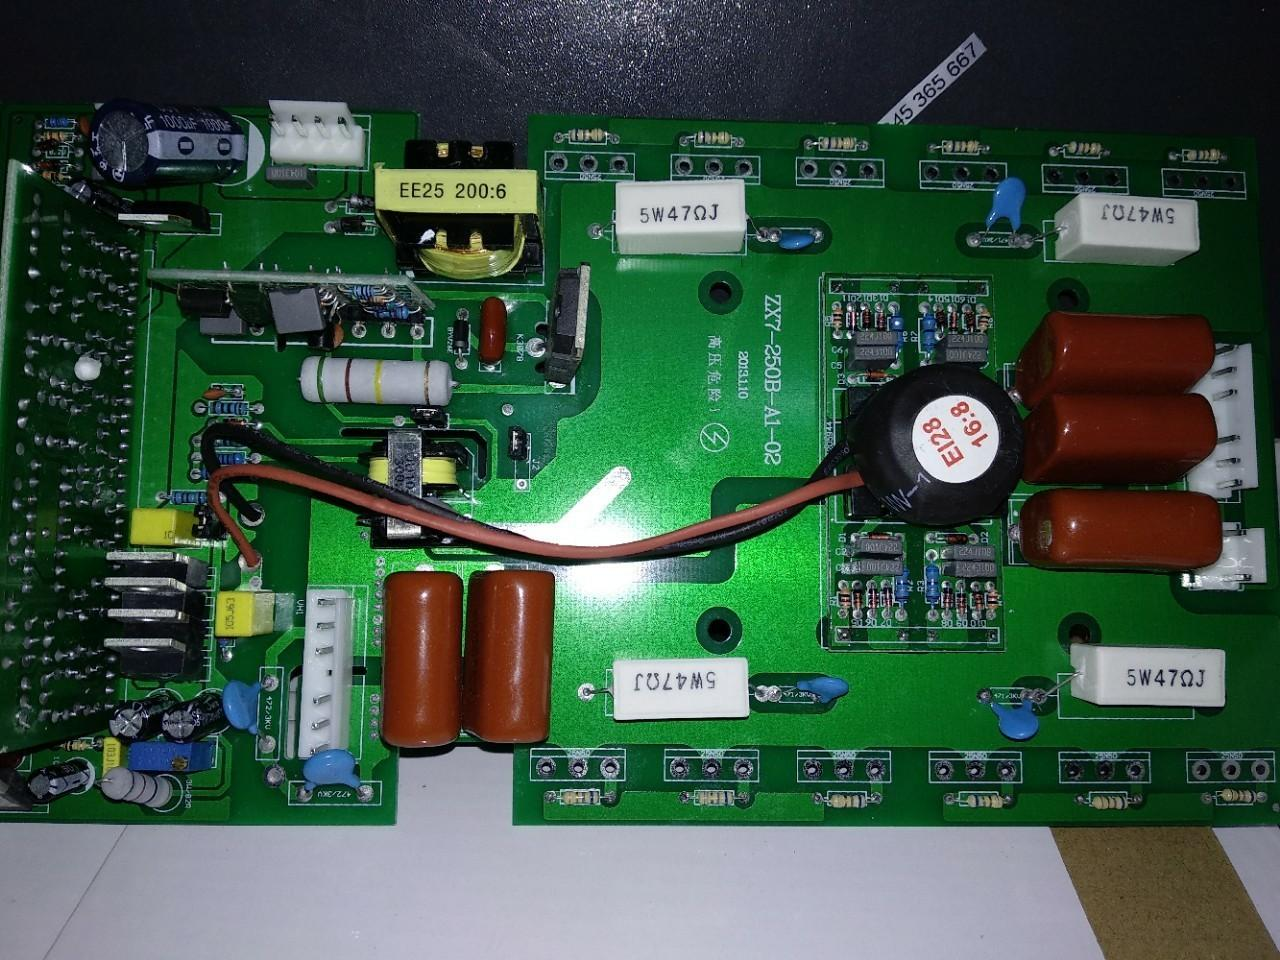 Bo mạch công suất 12 sò (ko kèm sò) dùng cho máy hàn - phụ kiện máy hàn que máy hàn tig